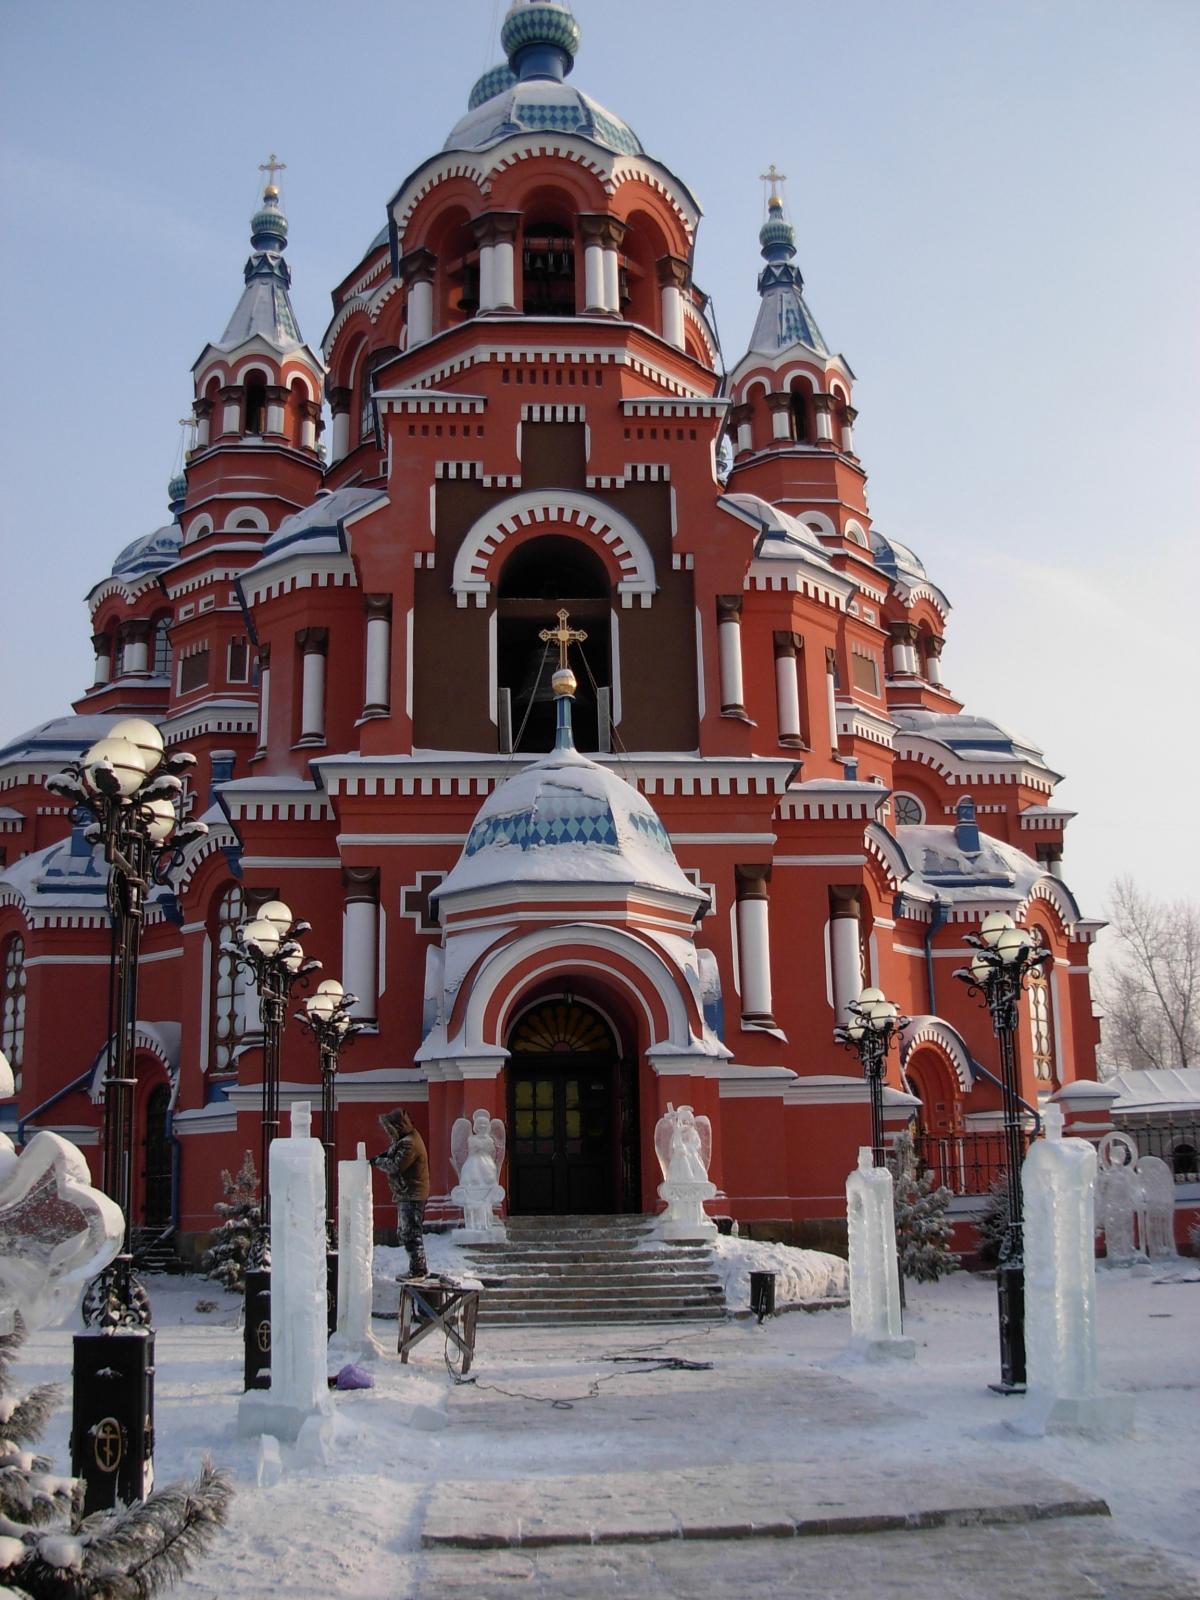 Церкви иркутска фото с описанием